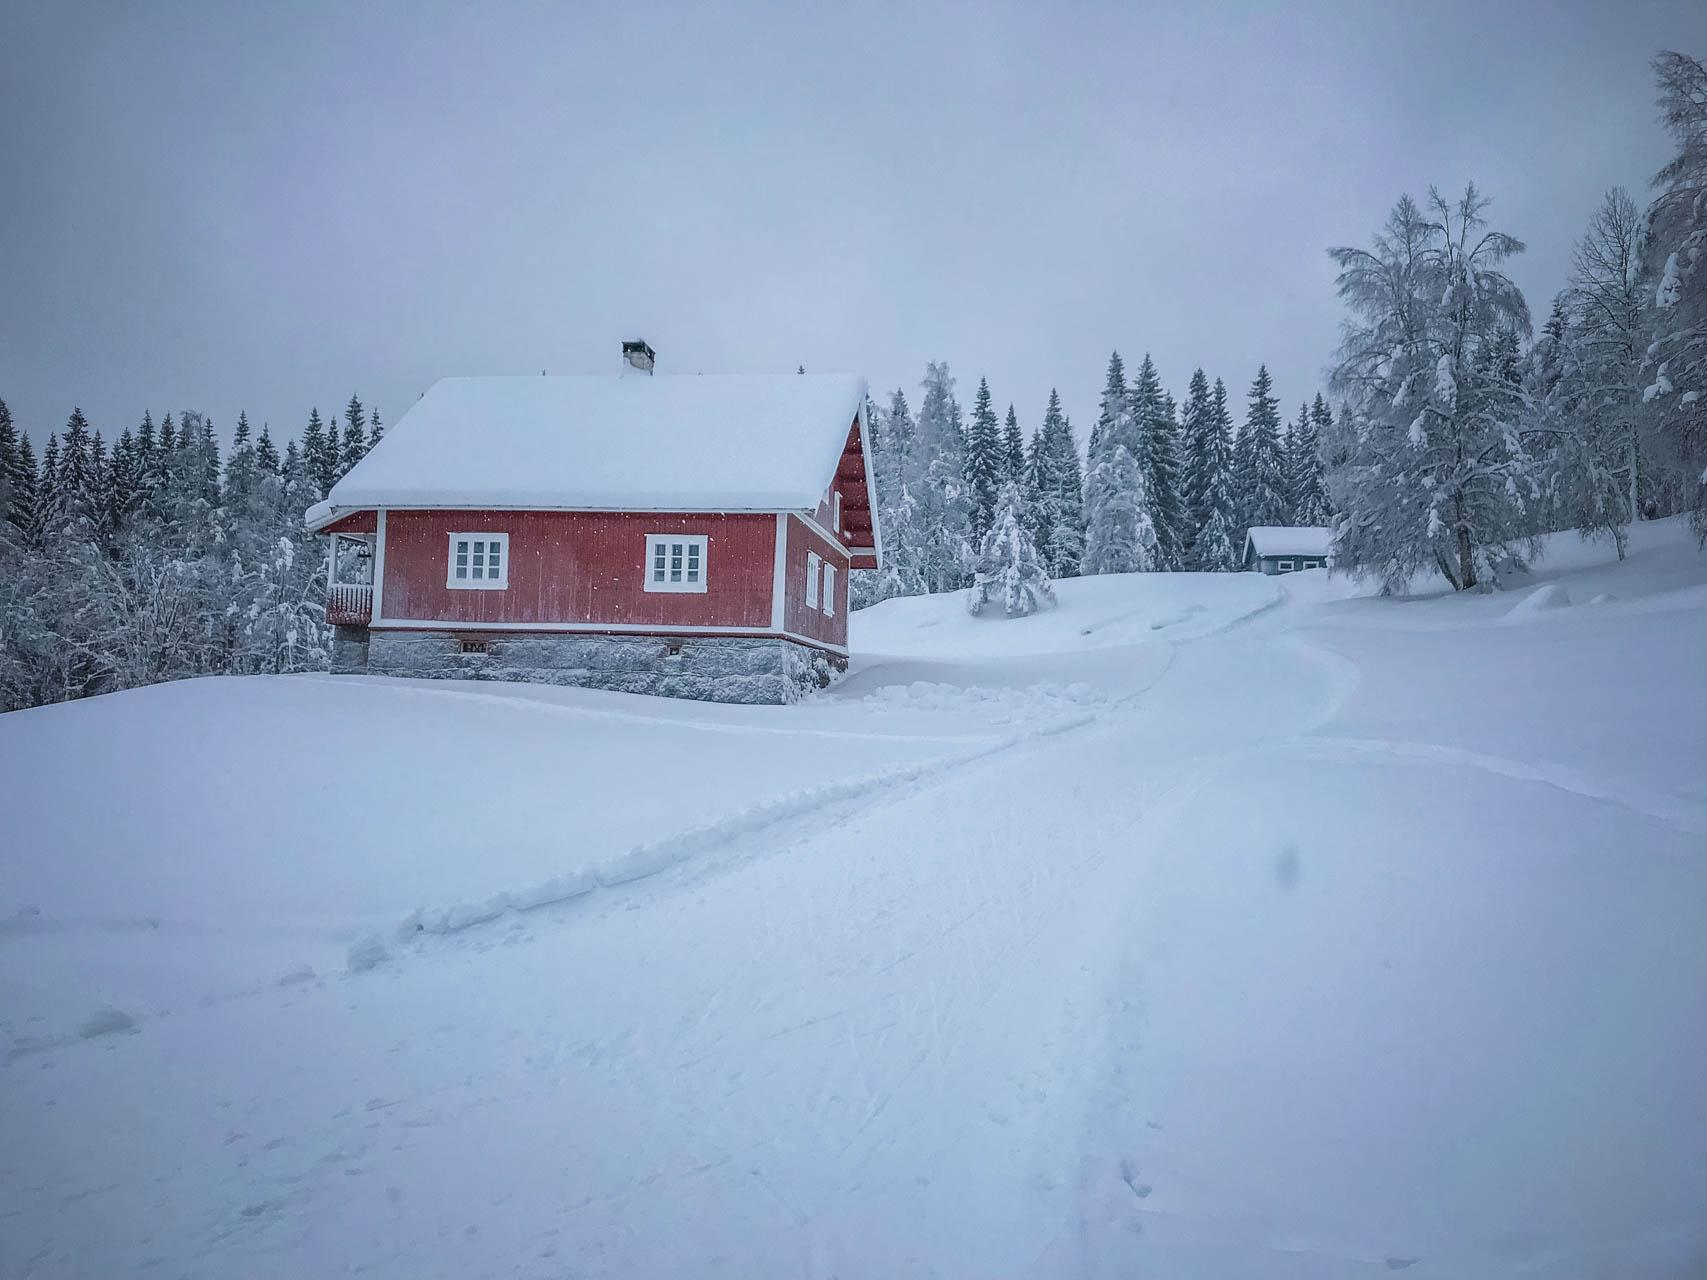 Finnstad